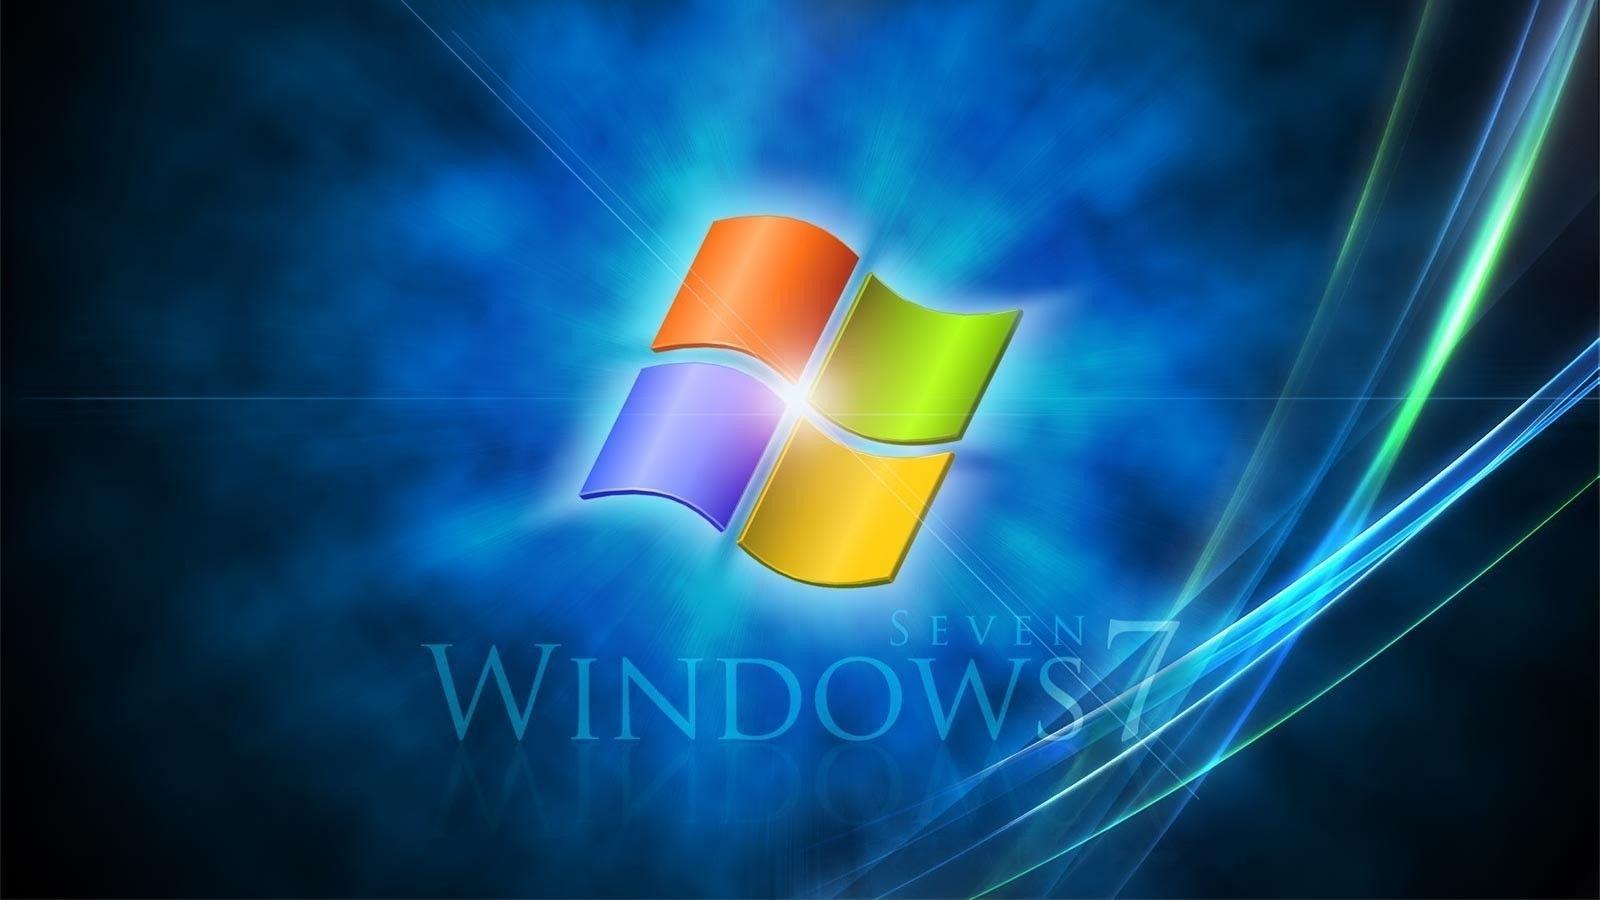 10 best wallpaper for laptop windows 7 full hd 1920×1080 for pc